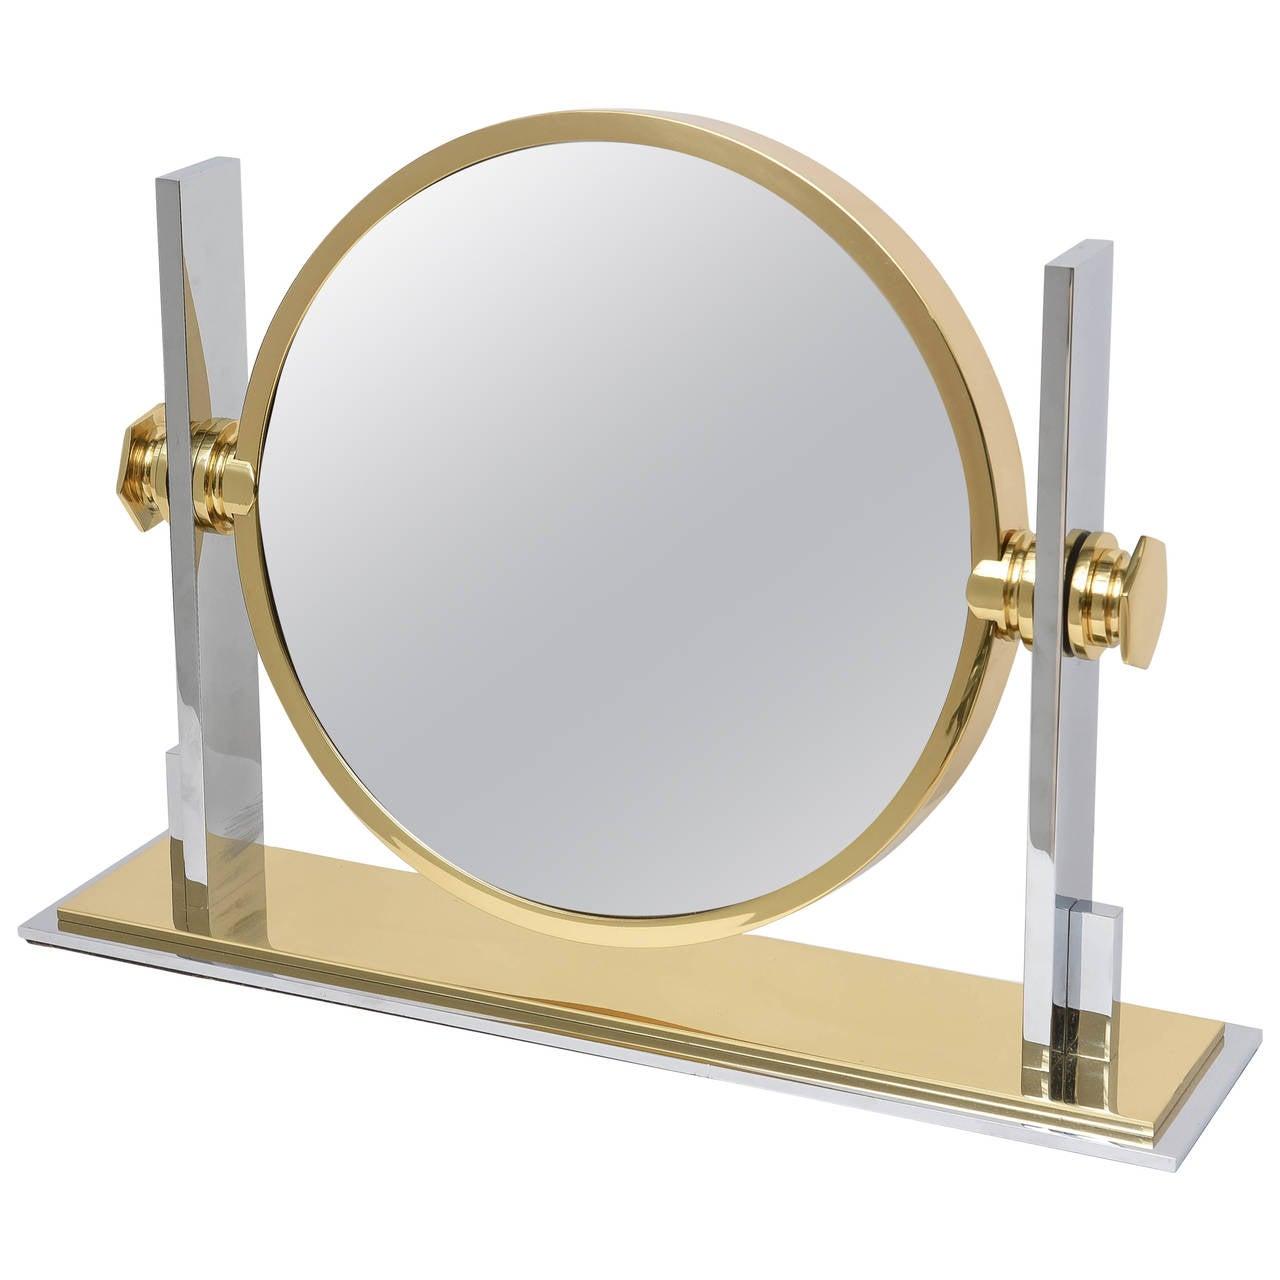 Karl springer chrome and brass vanity mirror for sale at for Vanity table and mirror for sale